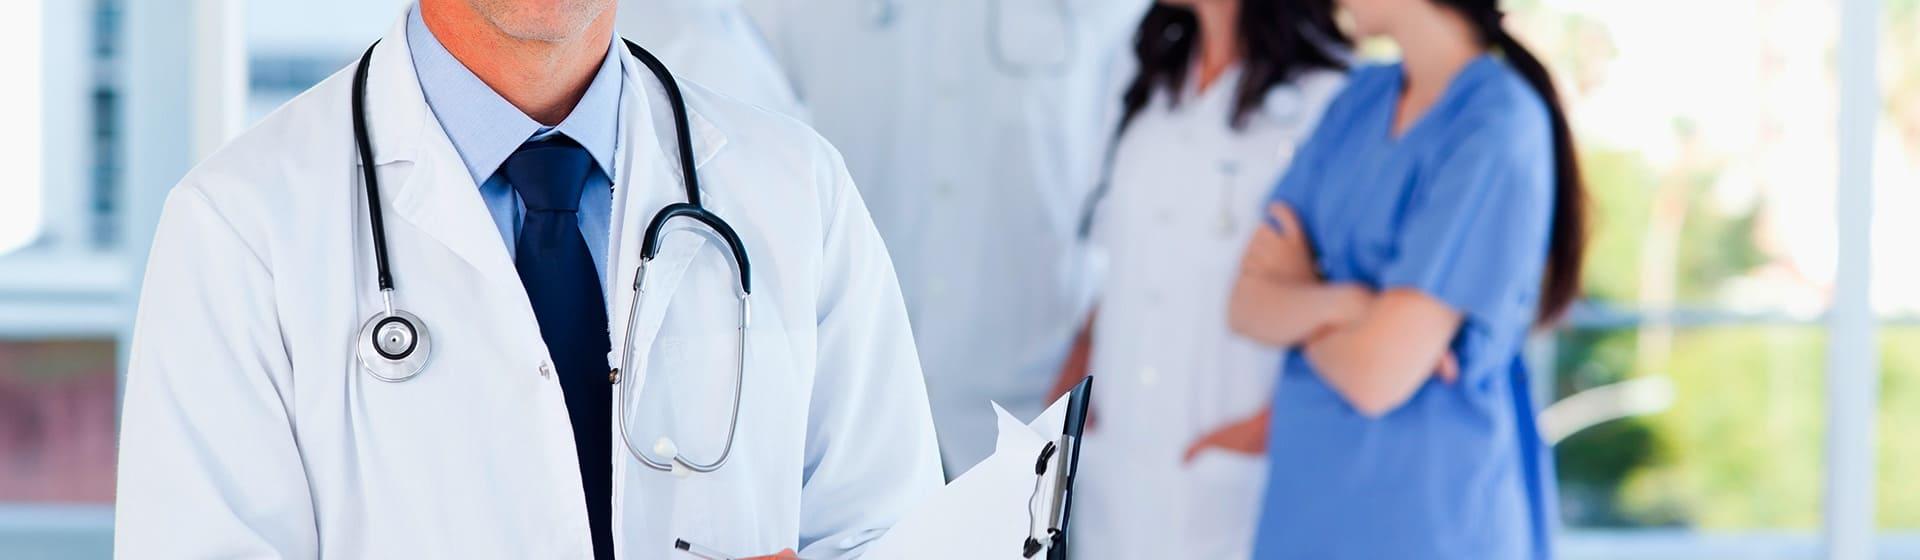 Медик - Мерч и одежда с атрибутикой